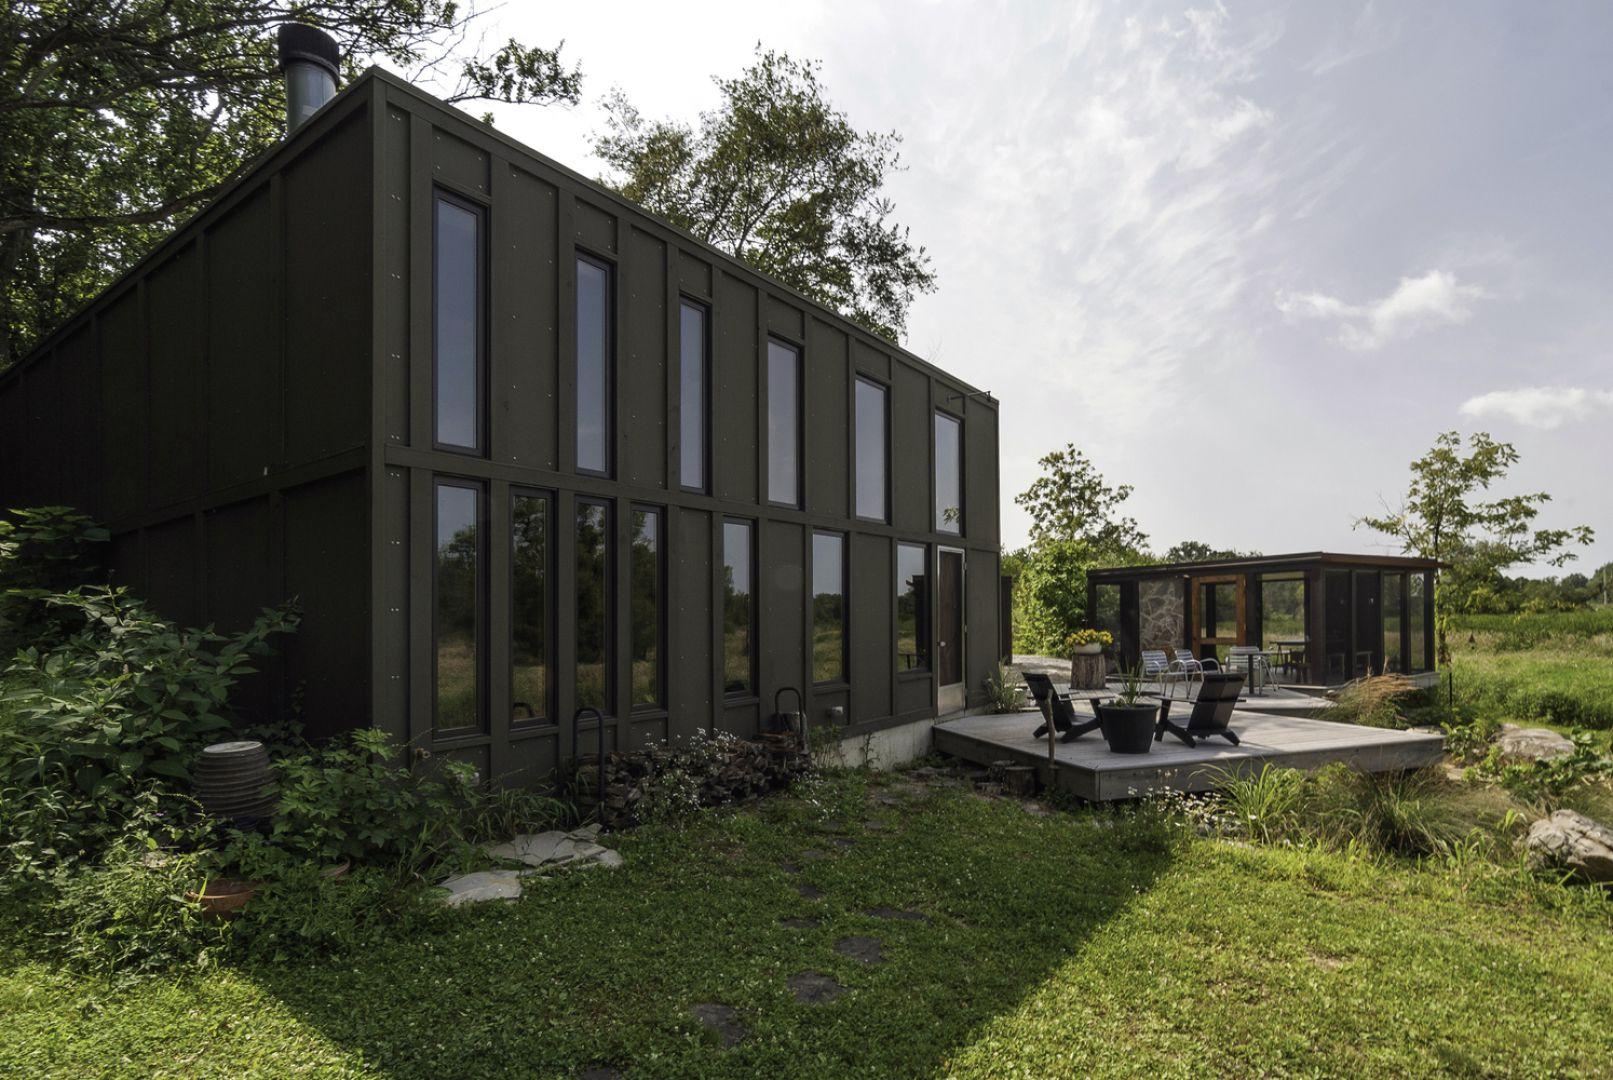 Przy wyborze materiałów niezbędnych do wzniesienia tego domu, architekci kierowali się zarówno ich przystępnością cenową, ale też chcieli uzyskać jak najbardziej naturalny wygląd domu, wkomponowującego się w otaczającą okolice. Fot. Graham Sandelski